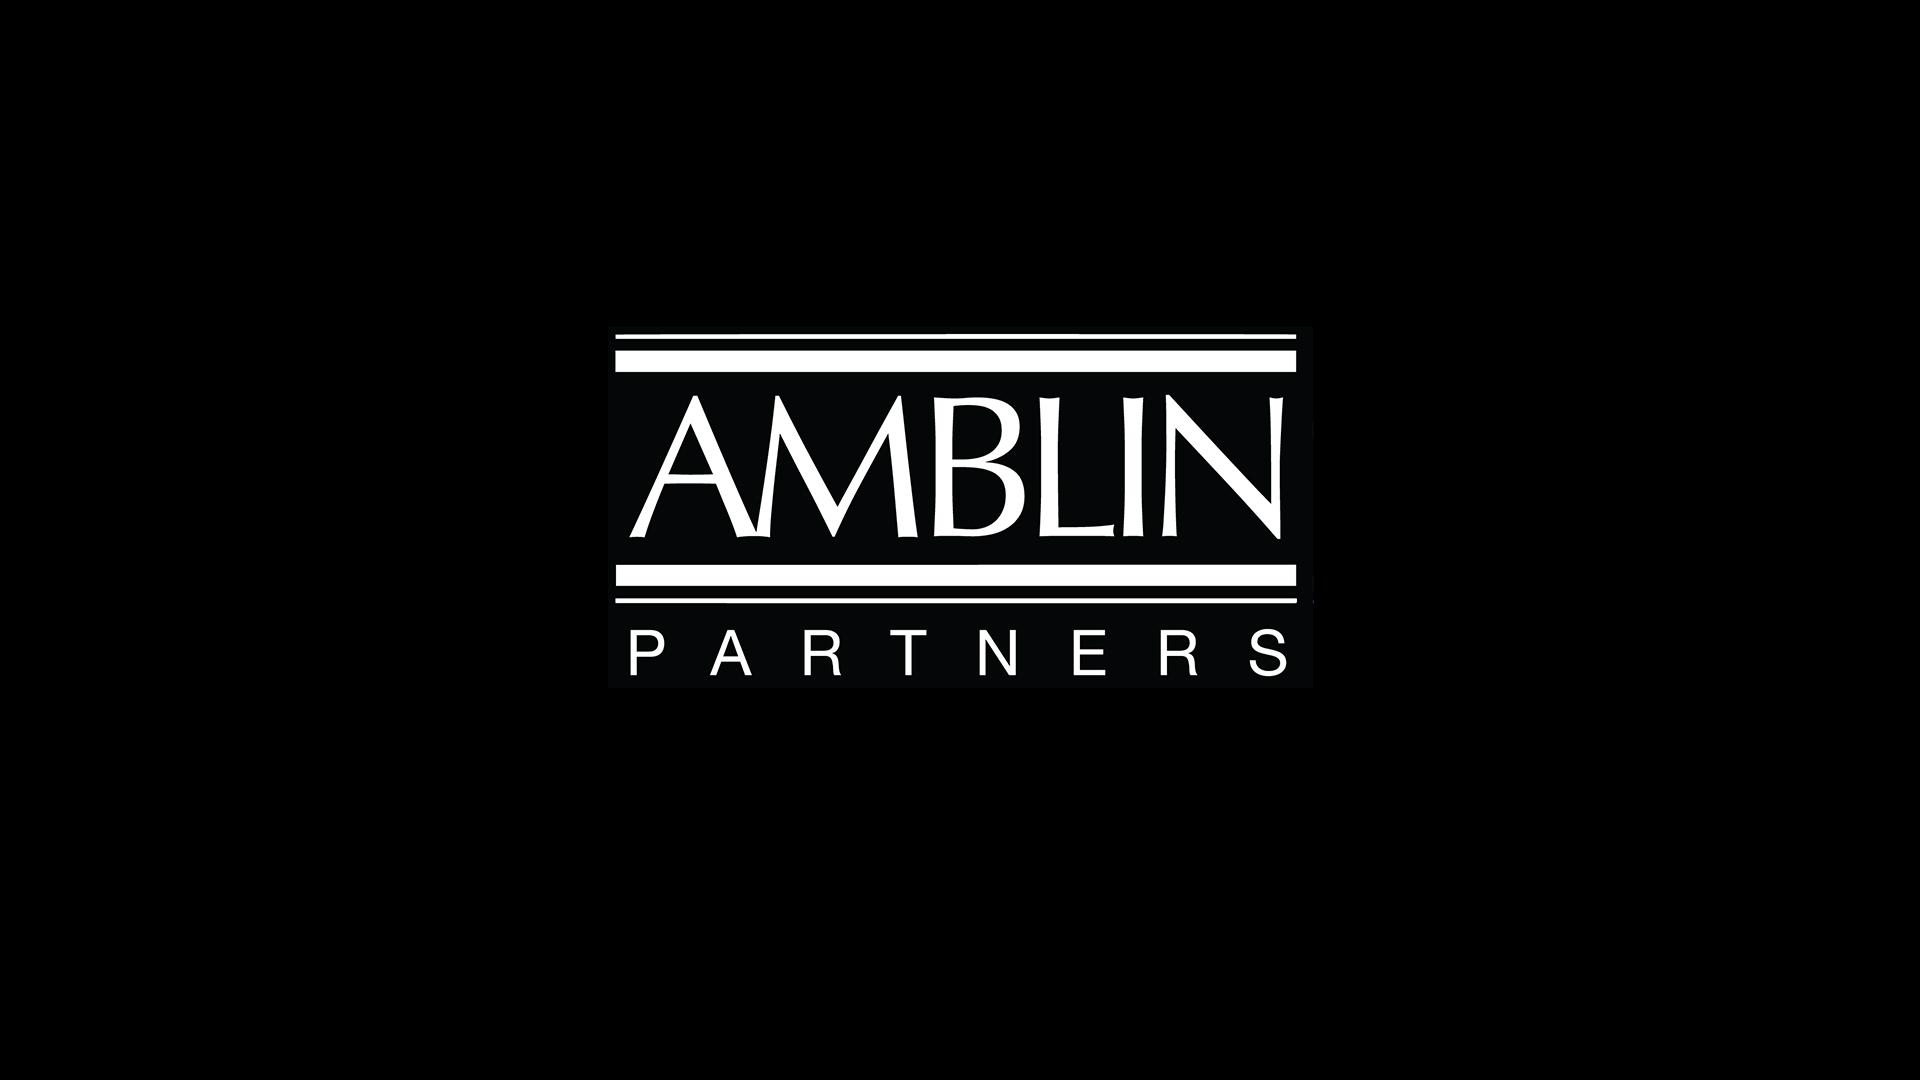 Amblin Partners